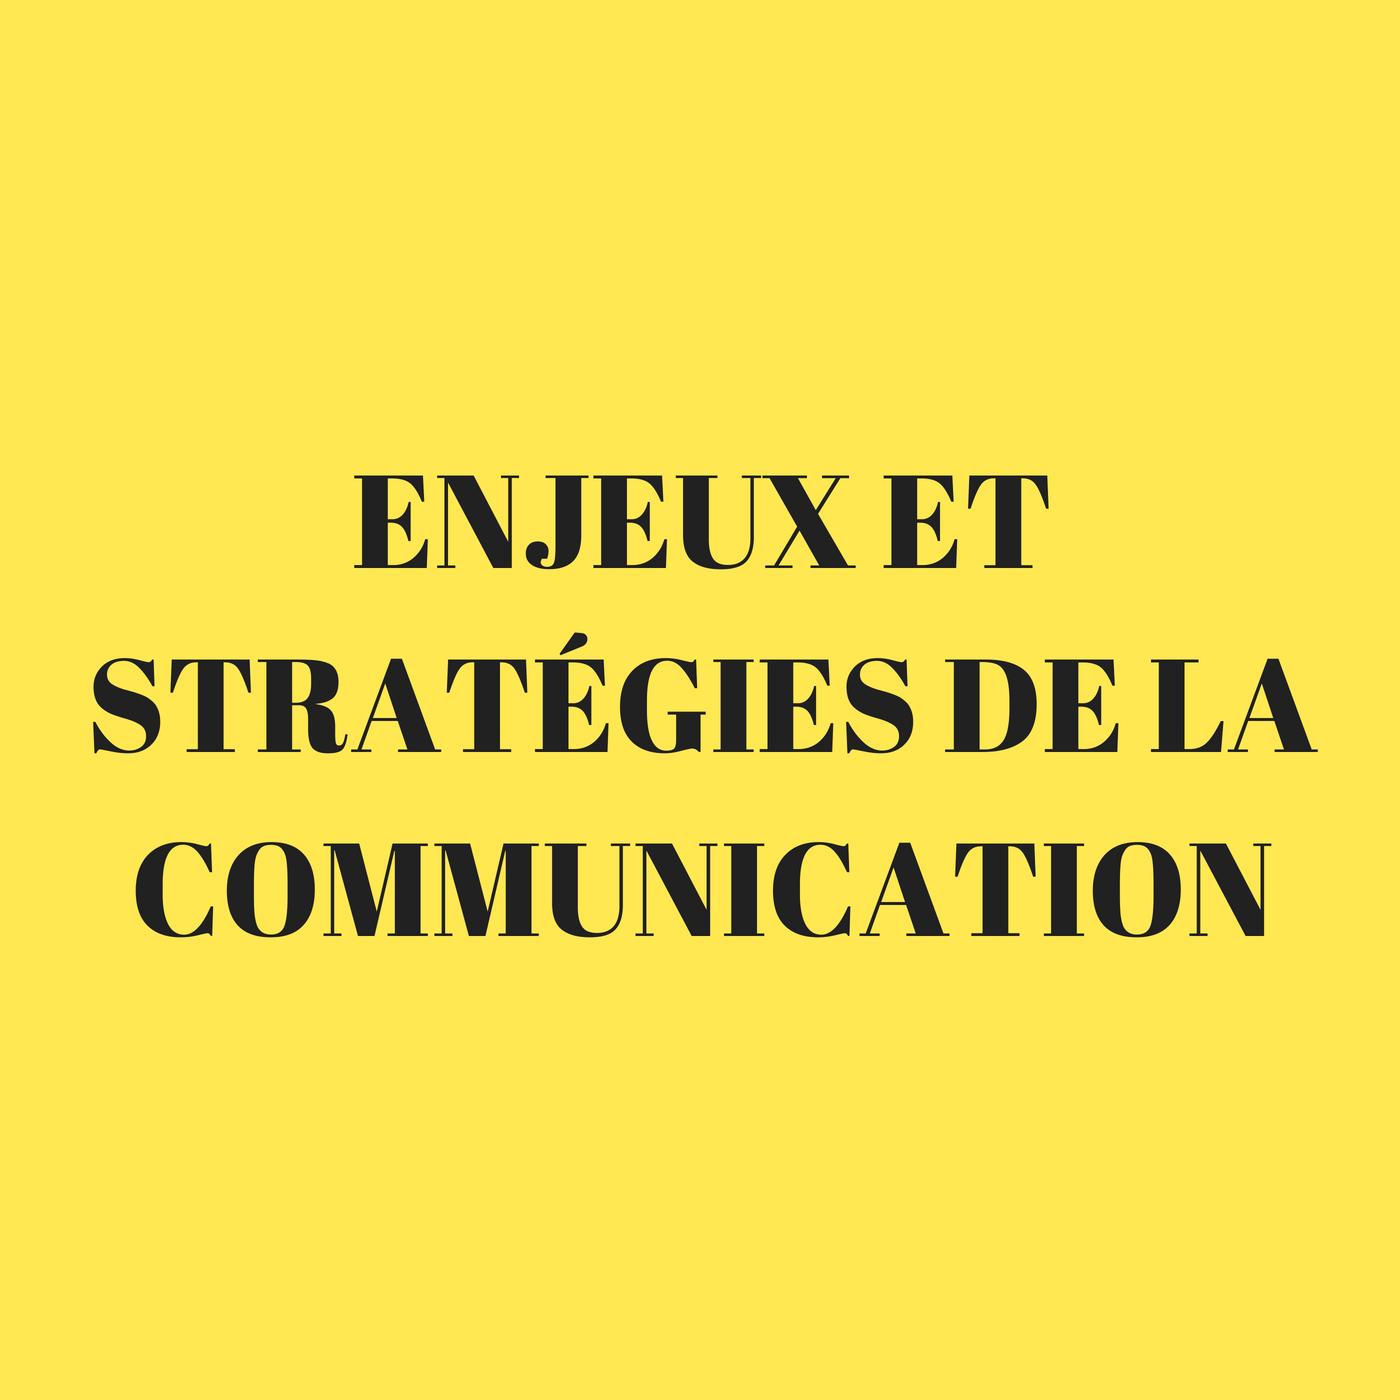 Enjeux et stratégies de la communication